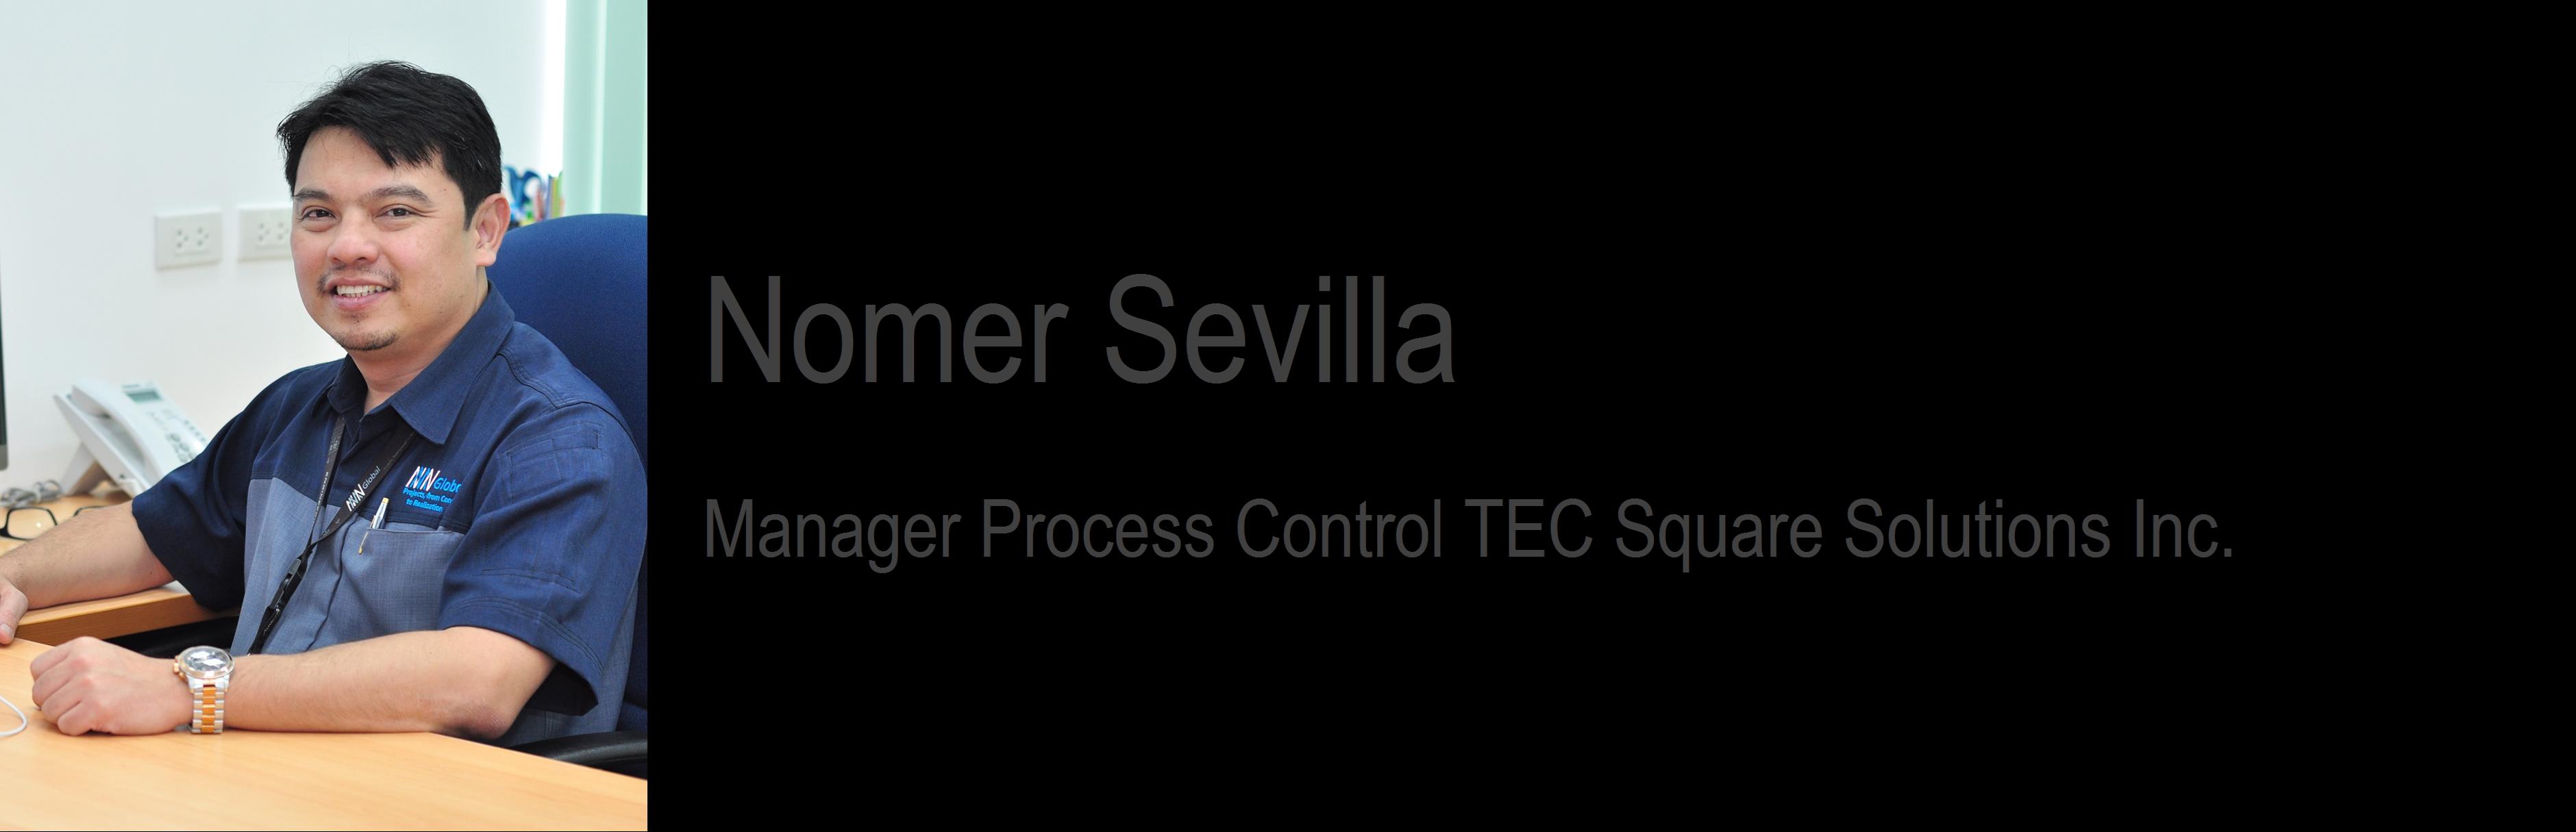 Nomer Sevilla